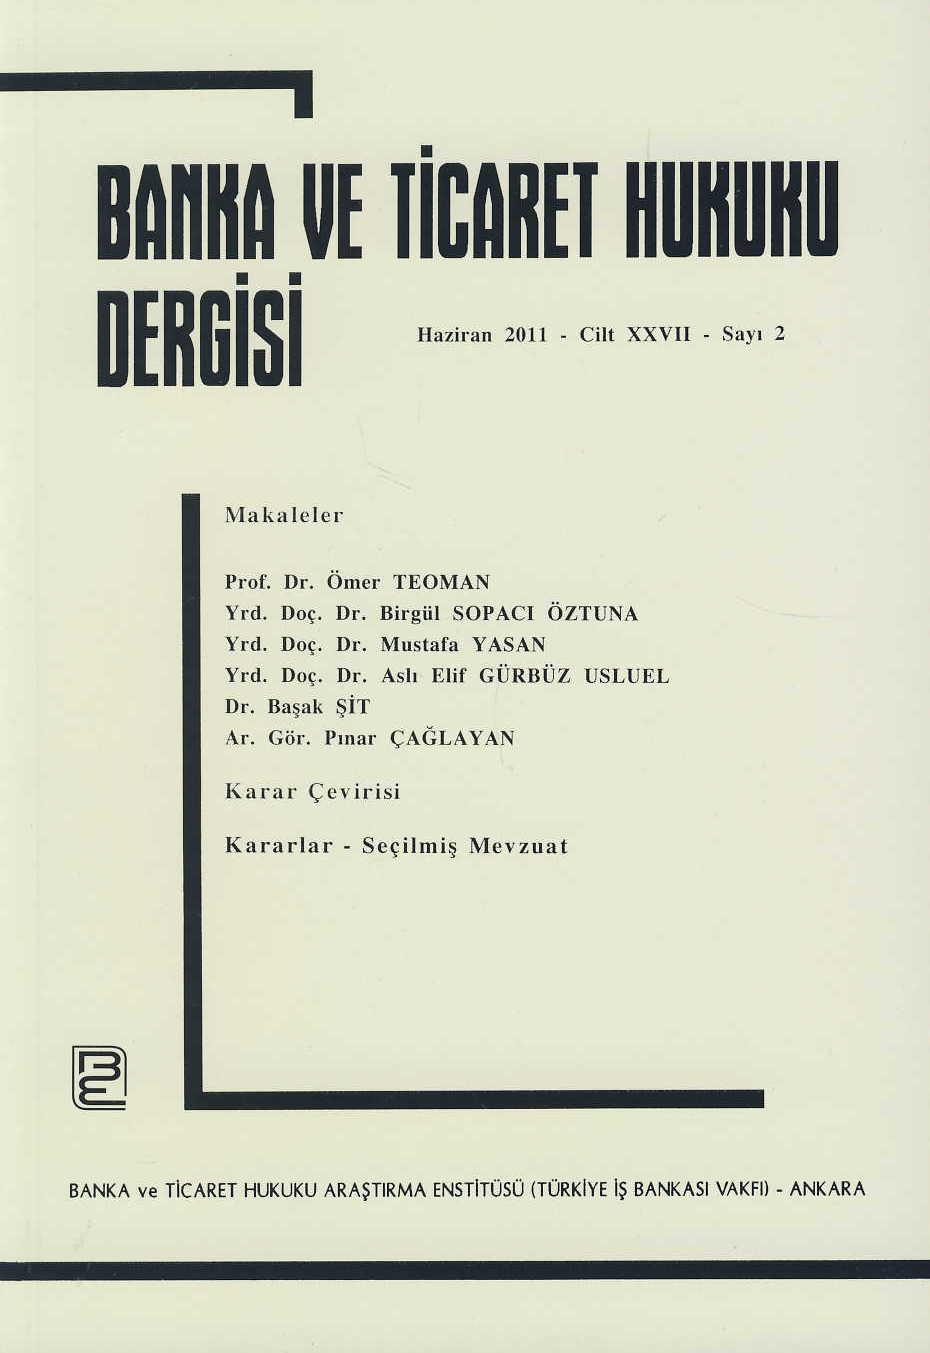 İçerik ve Çeviri Editör Hesabı